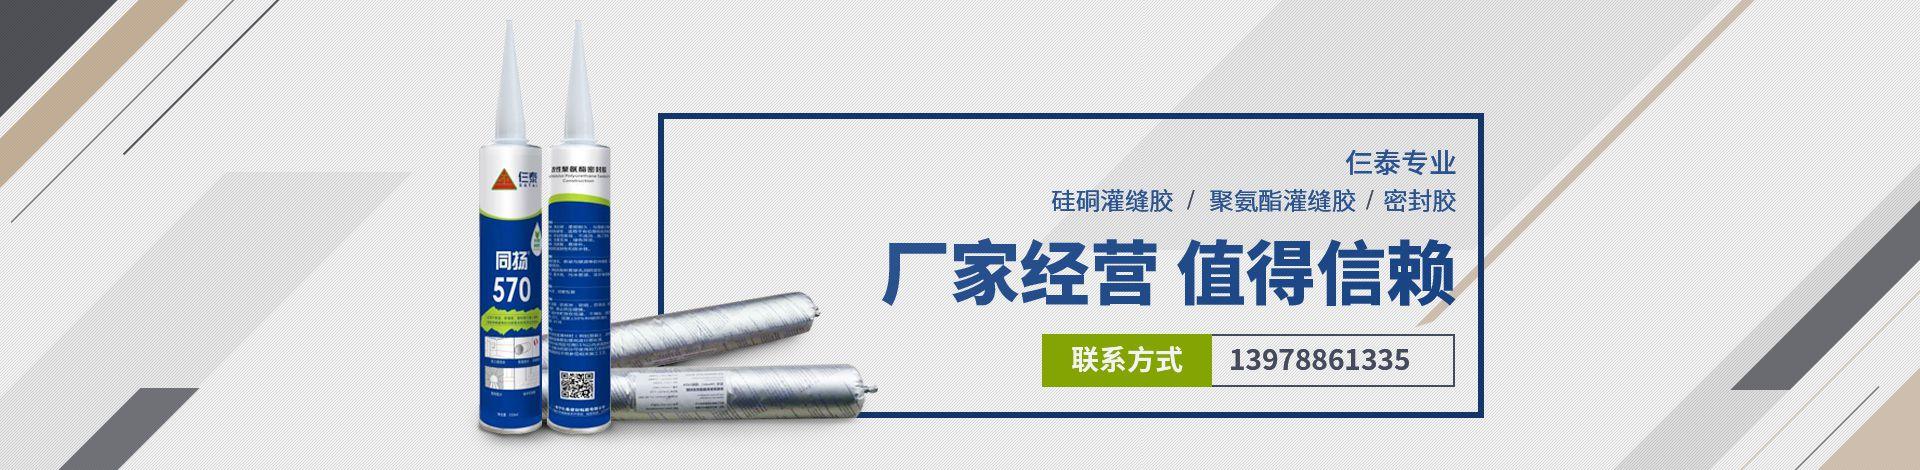 广西仨泰密封粘胶有限公司